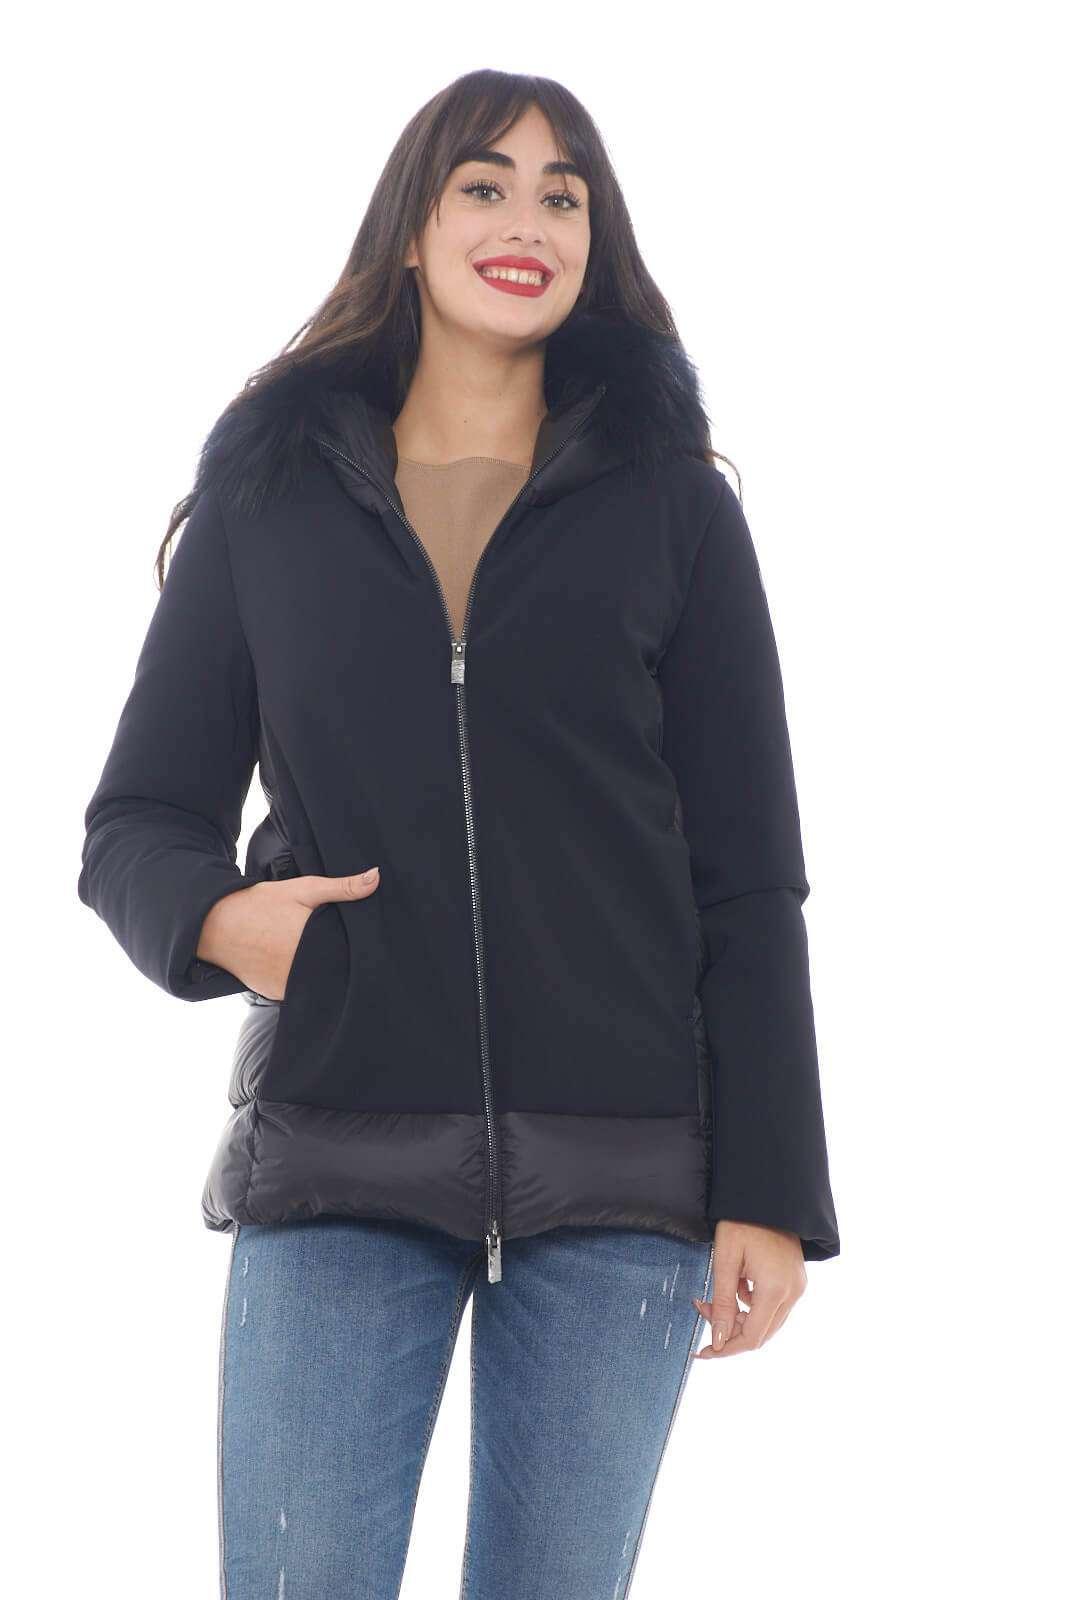 Un piumino da indossare con ogni look quello proposto dalla collezione donna RRD. Il modello Winter Hybrid Zar Lady Fur si caratterizza per il tessuto trapuntato e il classico tessuto tecnico del brand. Da indossare con ogni look, è sinonimo di eleganza confort.